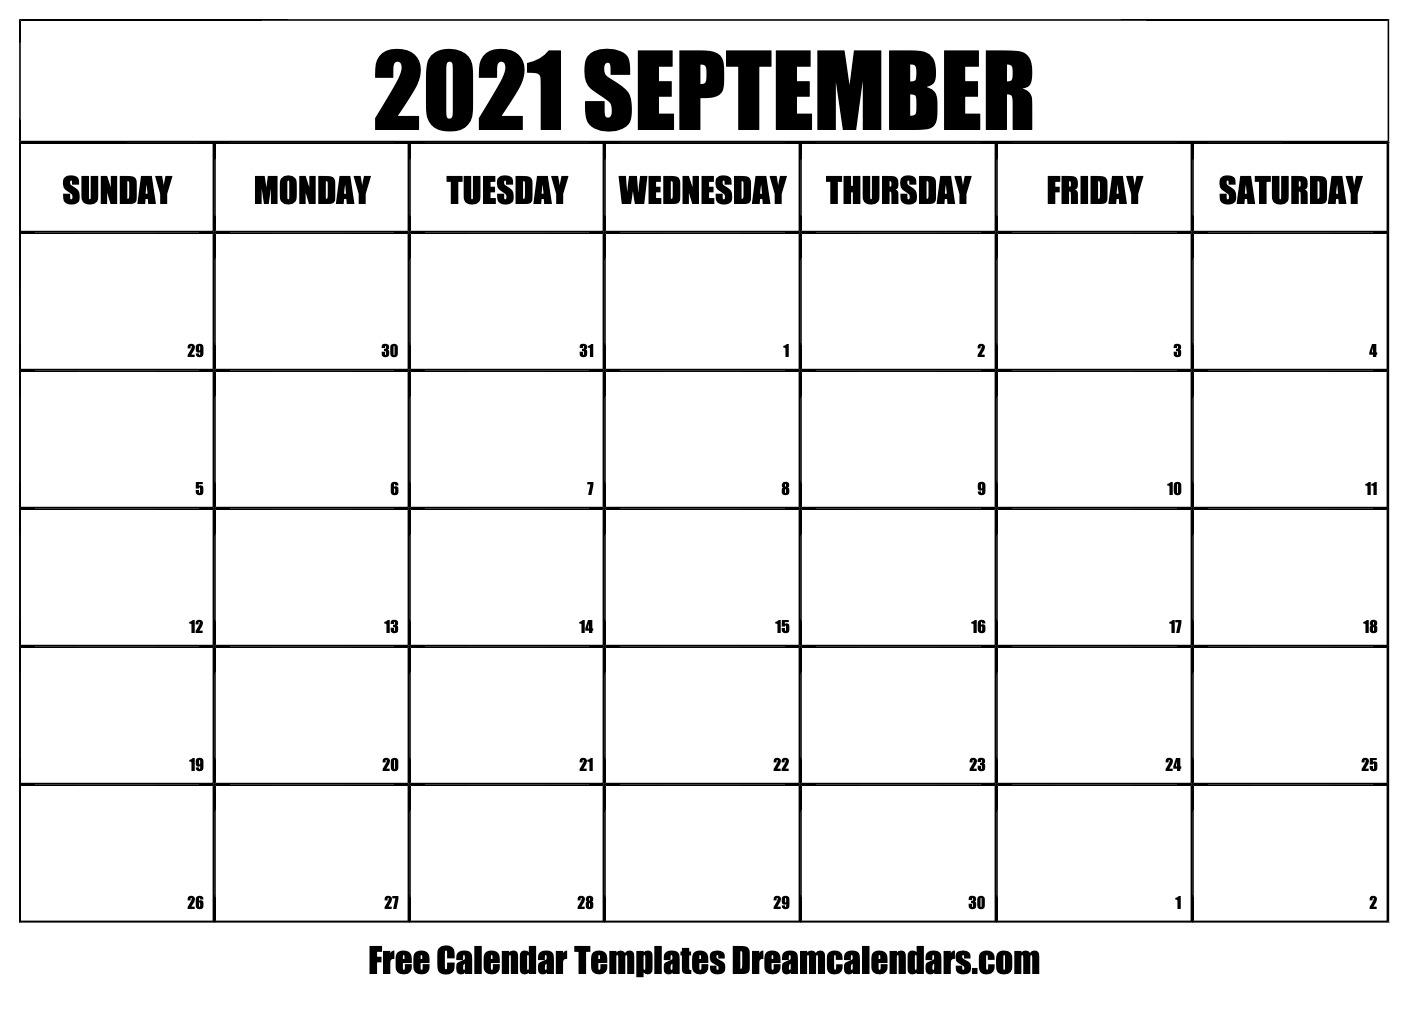 Take Sept 12 In Julian Date